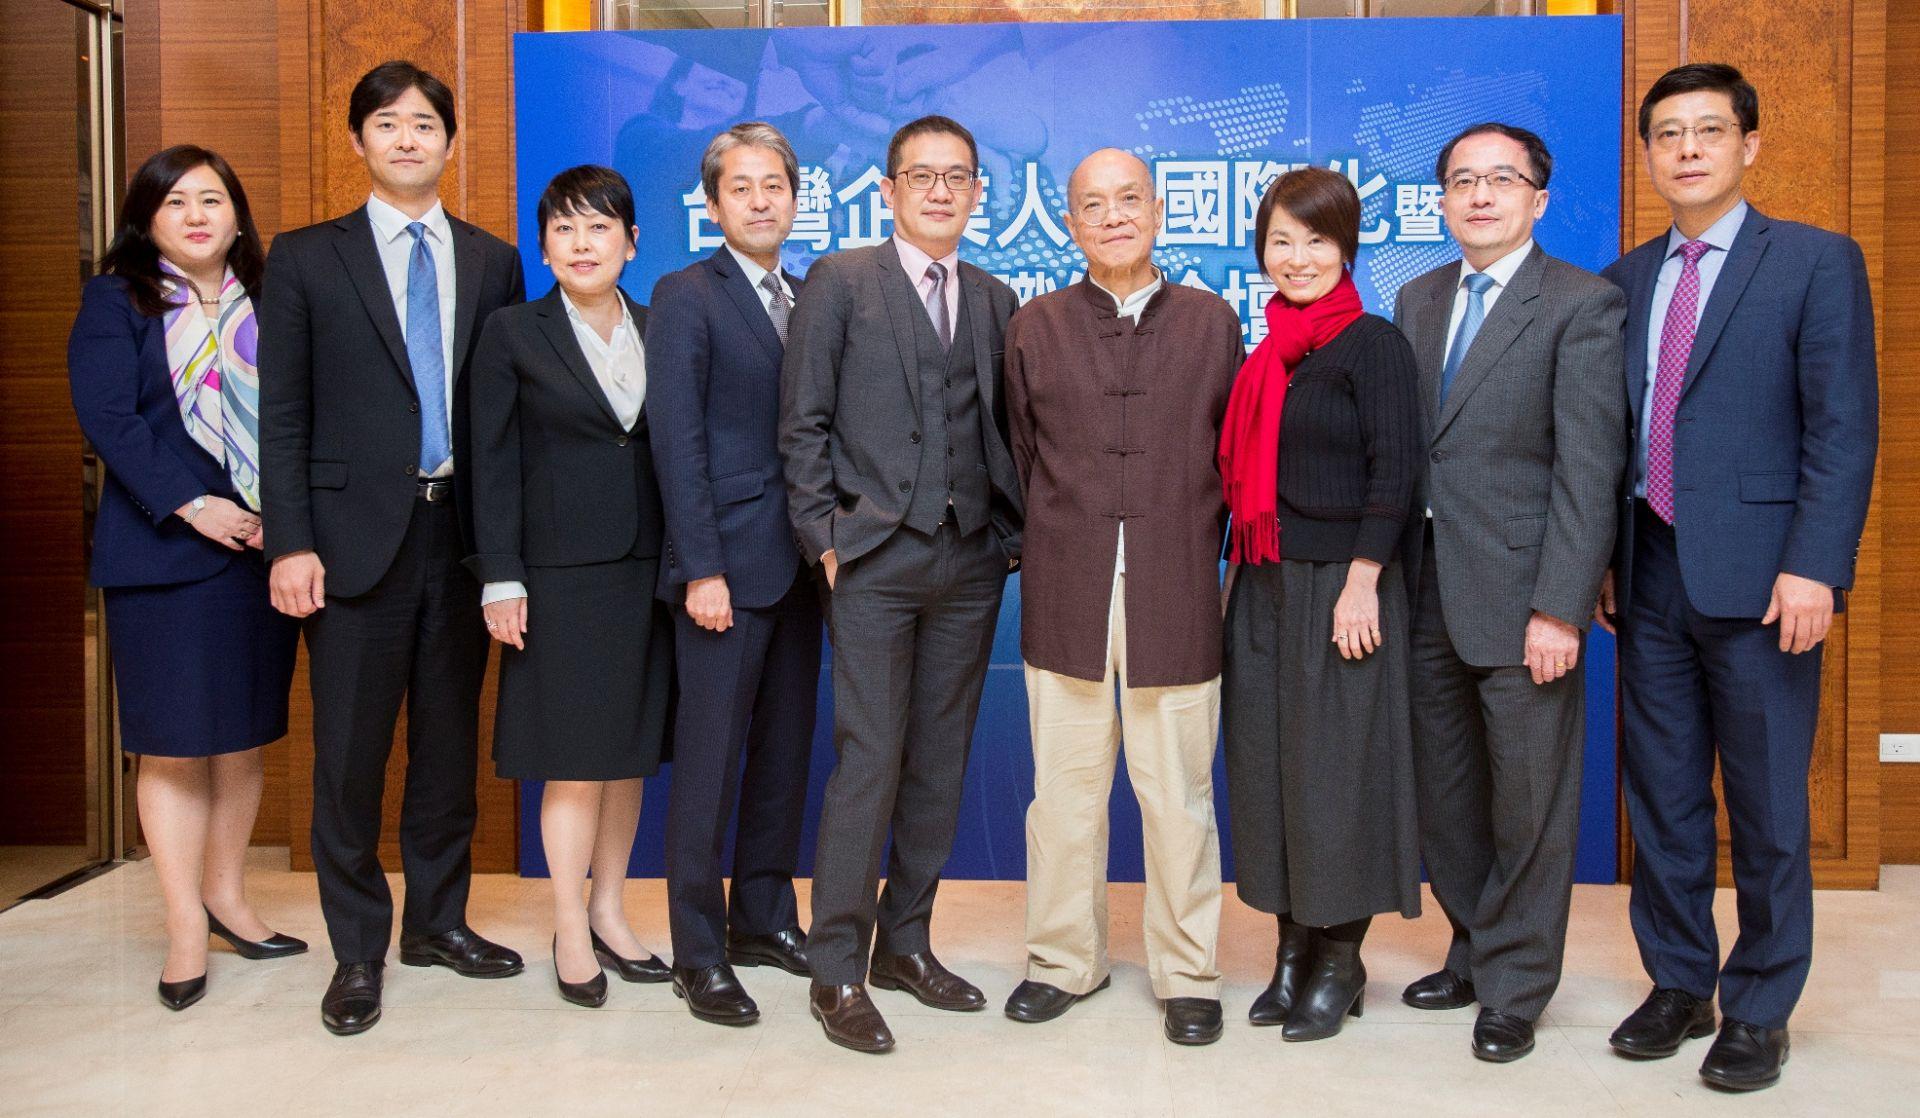 善用英檢工具提升企業人才英語力 營造台灣雙語環境